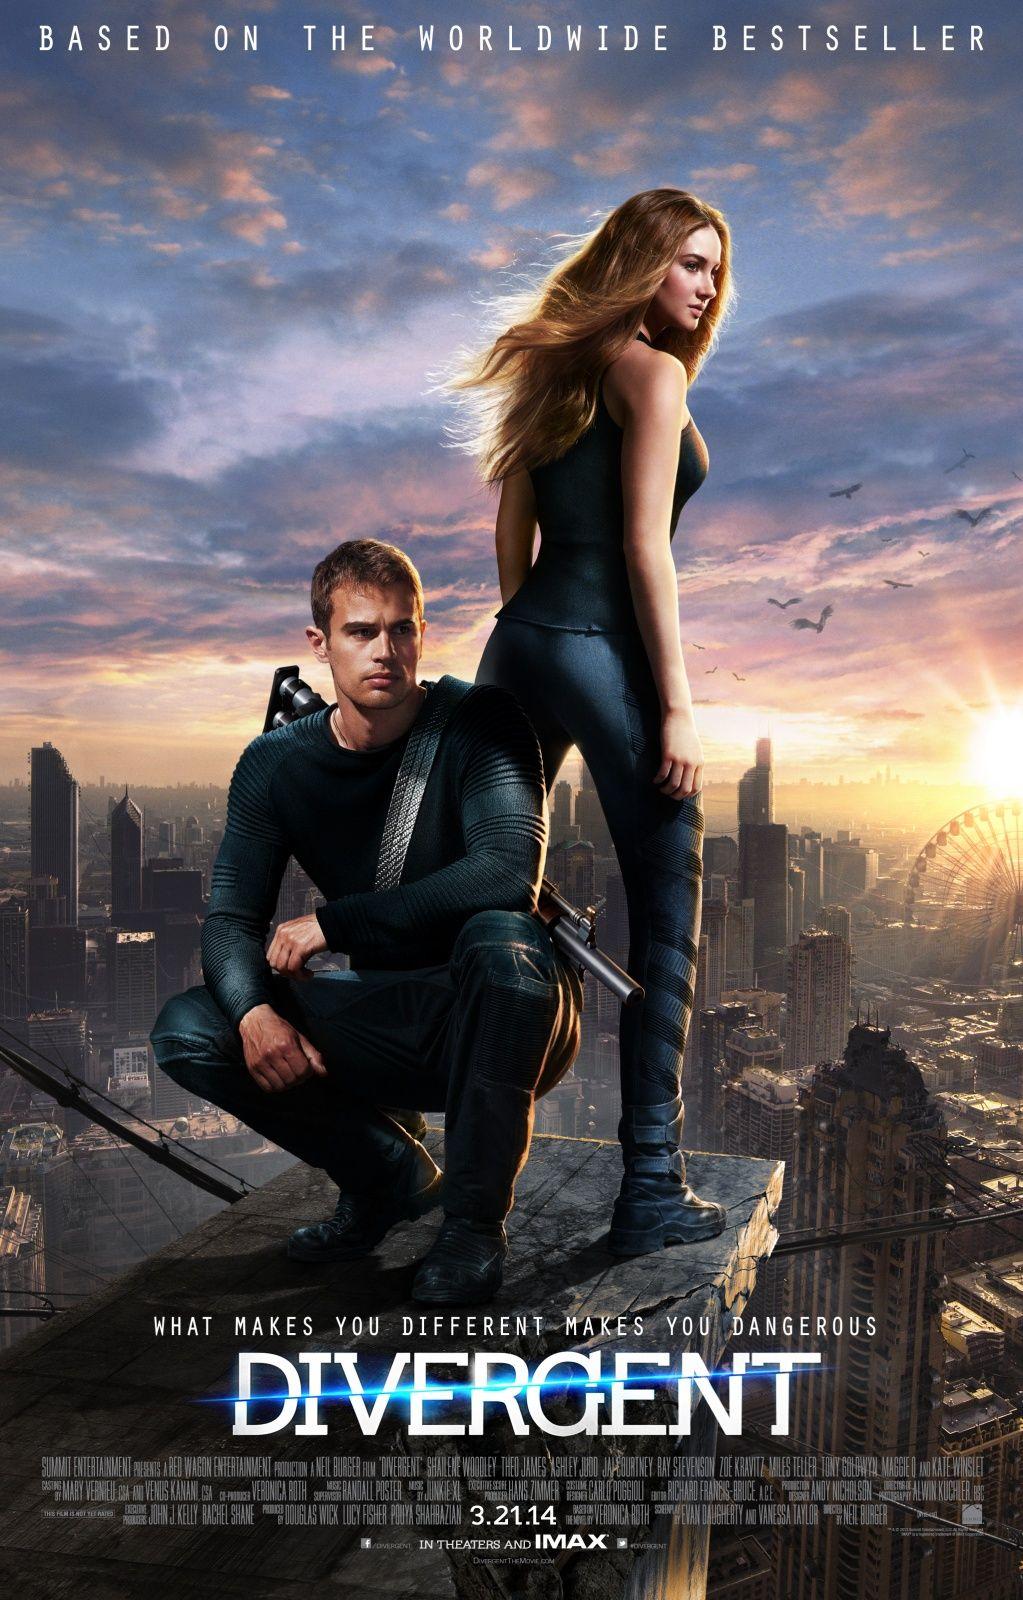 Divergent 2014 Movie Poster1 Jpg 1 023 1 600 Pixel Divergent